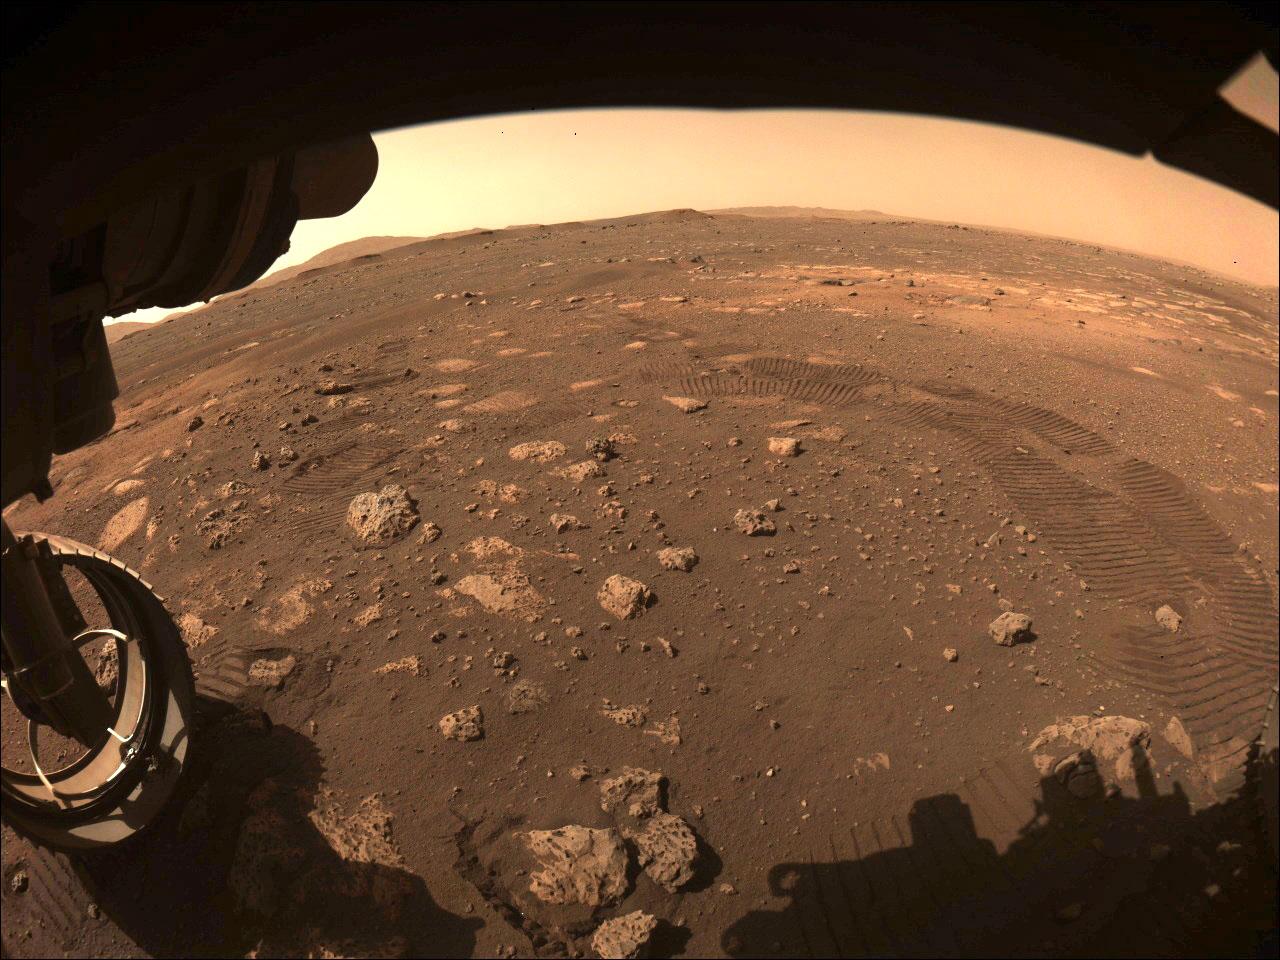 探査車パーシビアランスが火星の初走行時に撮影した画像。タイヤの跡が残っている(NASA提供)(共同)